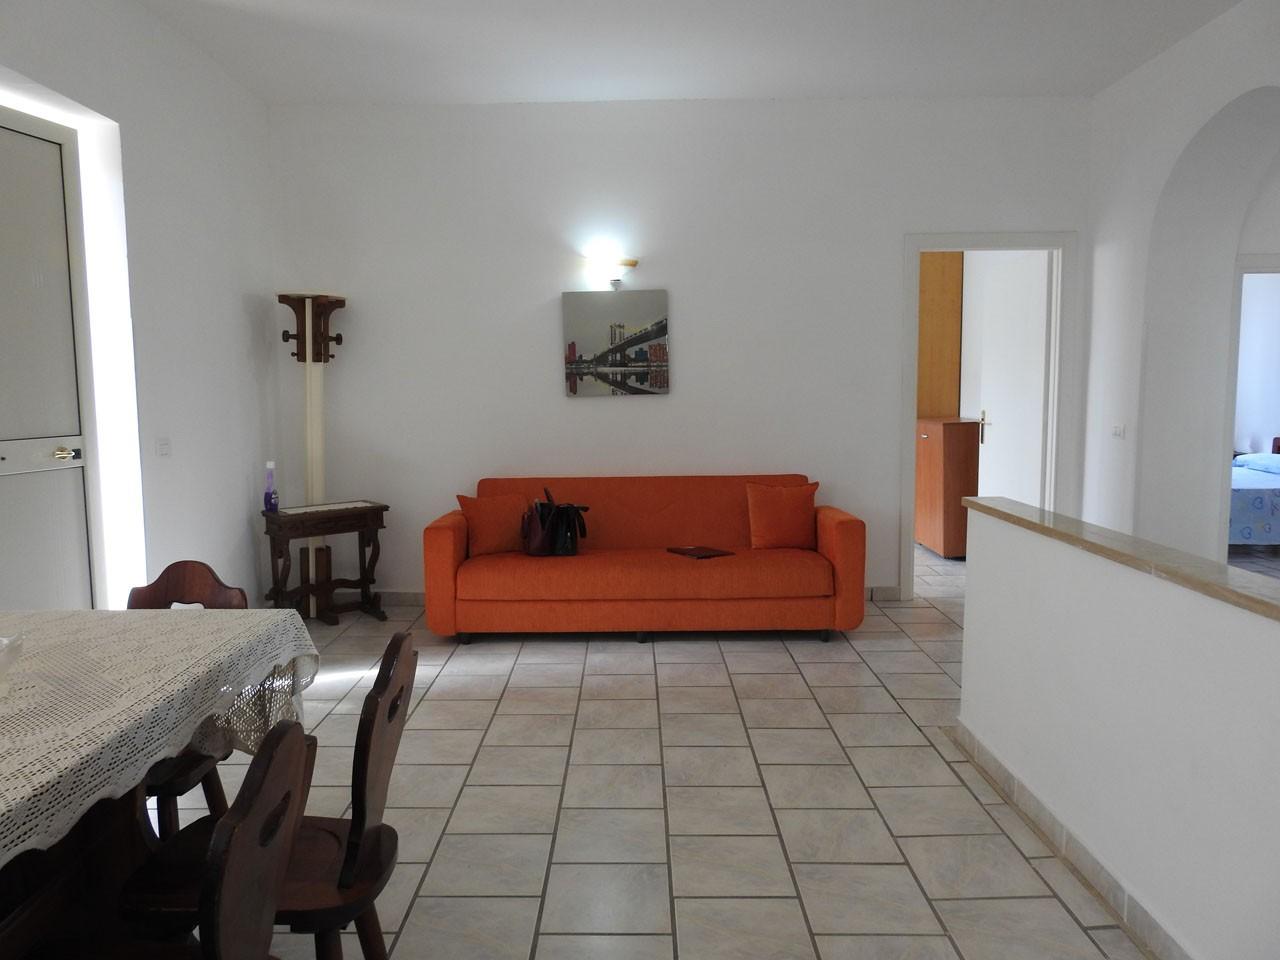 Soluzione Indipendente in affitto a Santa Marinella, 4 locali, prezzo € 1.200   CambioCasa.it